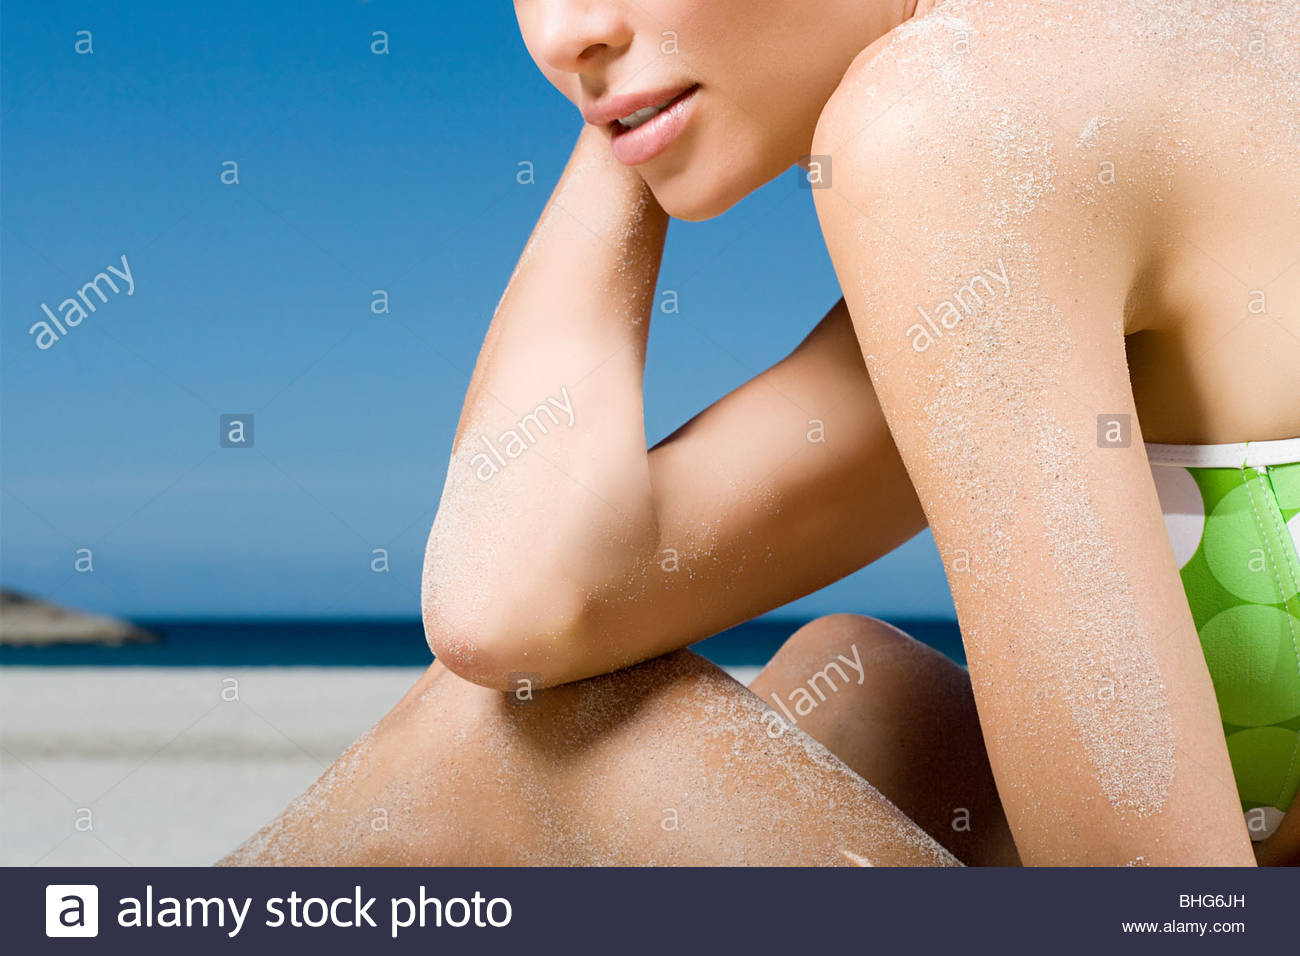 Ver sección media de mujer en la playa relajante Imagen De Stock